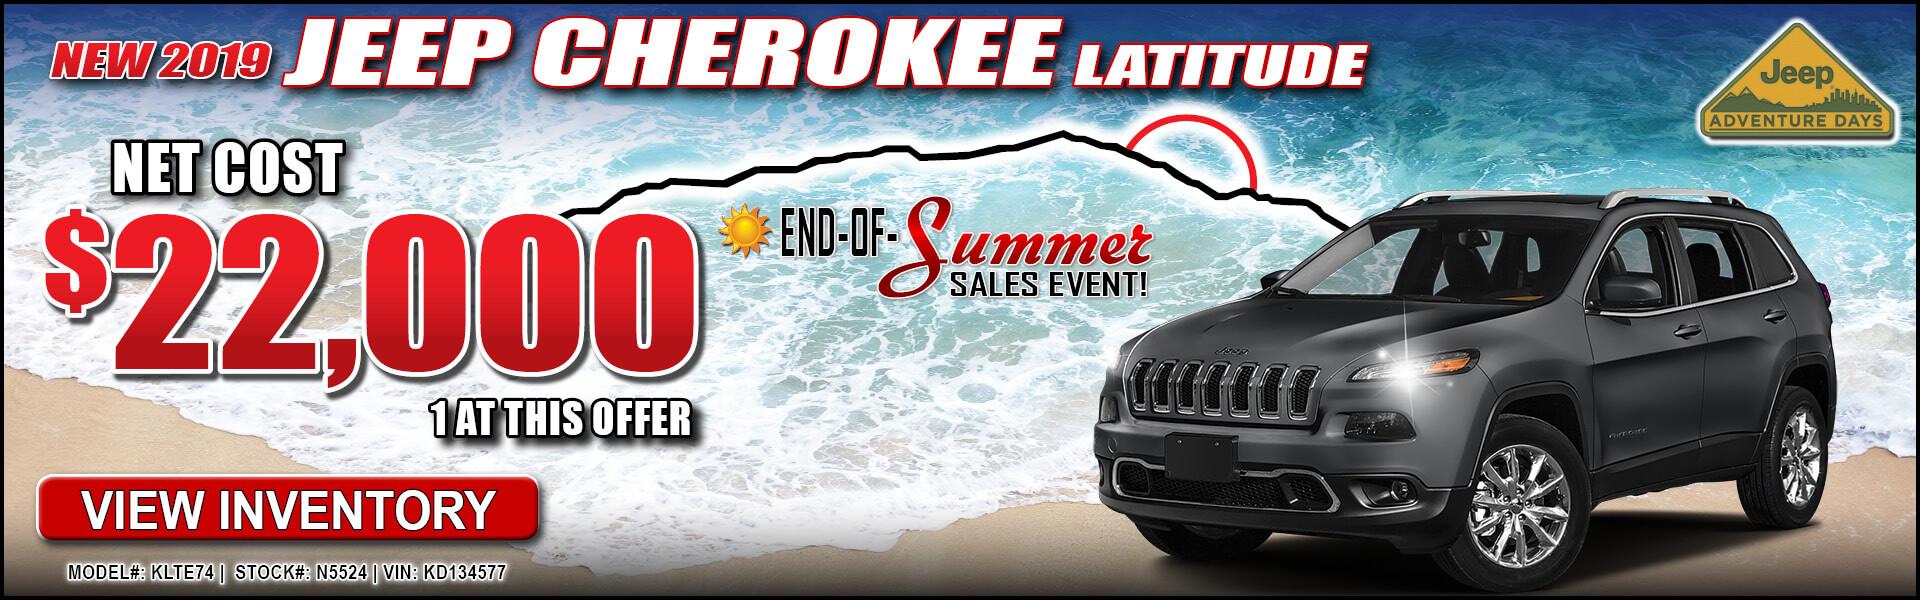 Jeep Cherokee $22,000